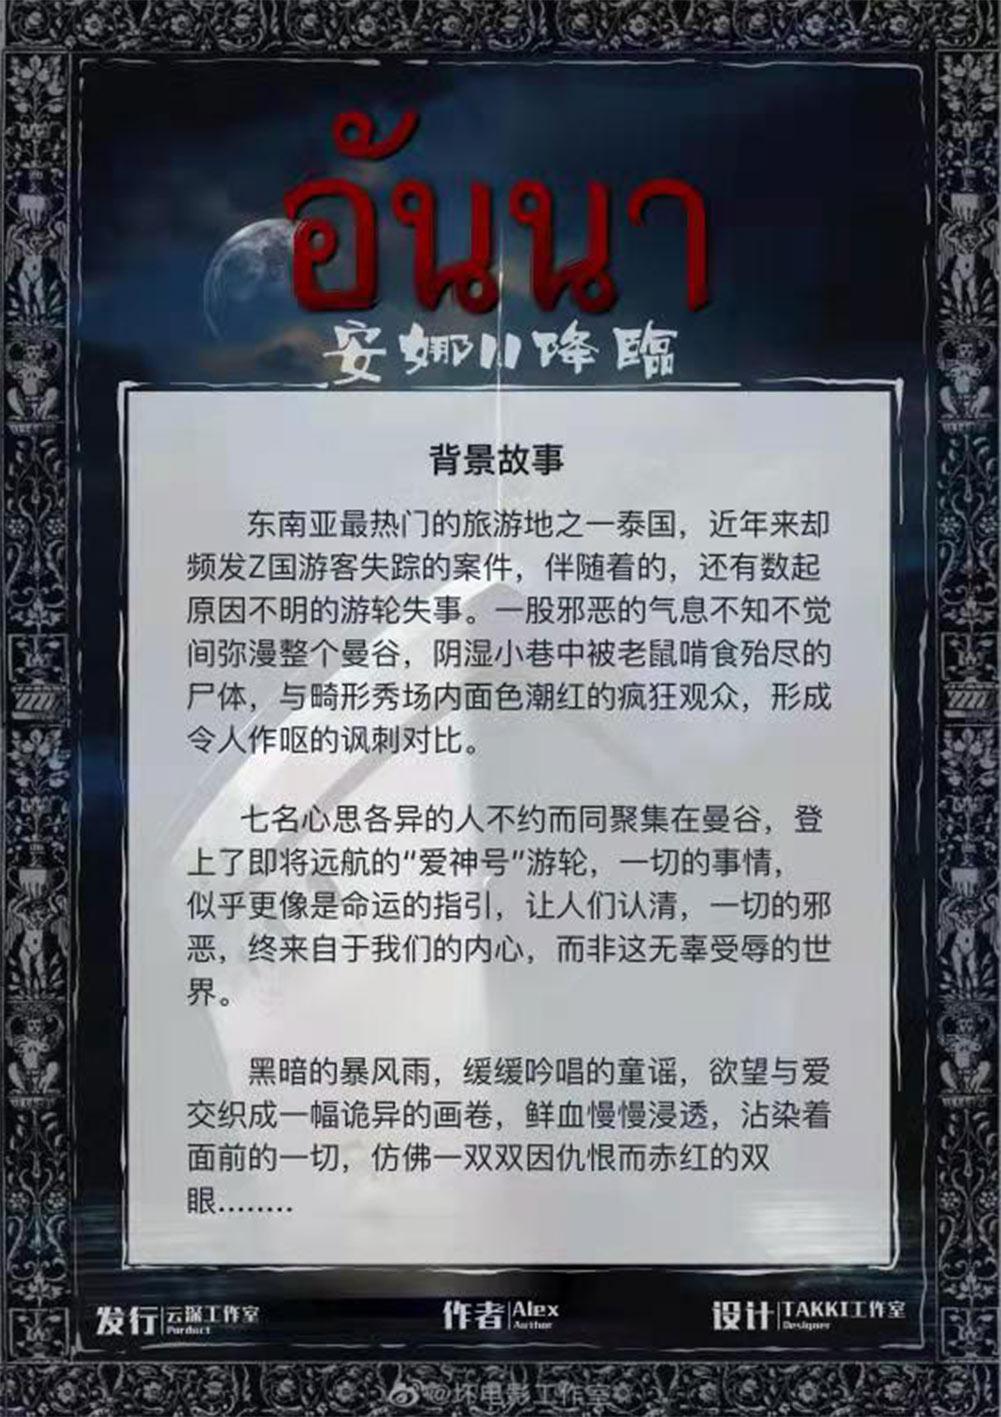 『安娜2-降临』剧本杀真相复盘 凶手是谁 剧透解析 密码答案 结局攻略